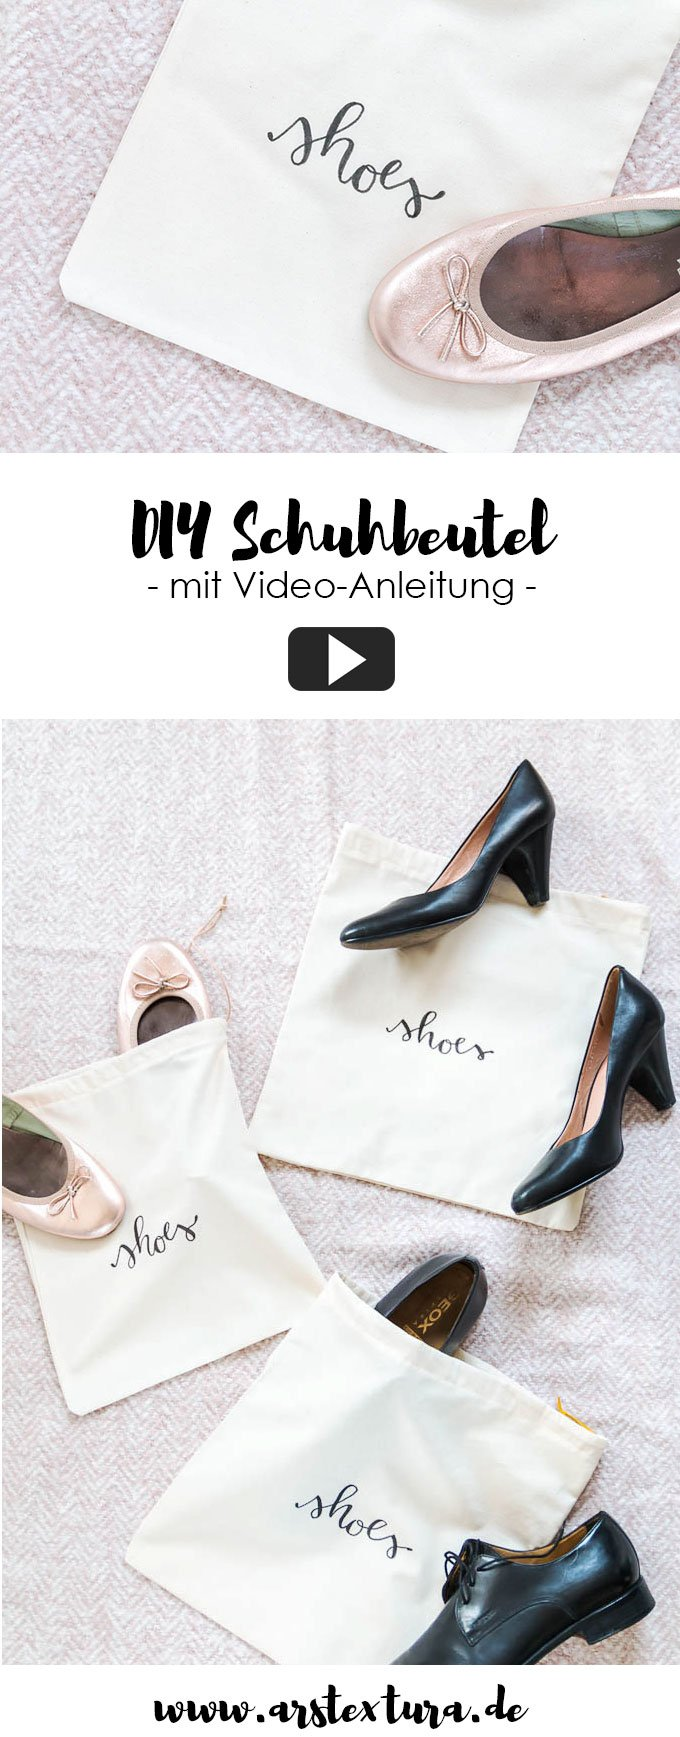 Nähen Anleitungen: DIY Schuhbeutel nähen - DIY Geschenk für Männer zum Geburtstag oder Weihnachten | ars textura - DIY Blog